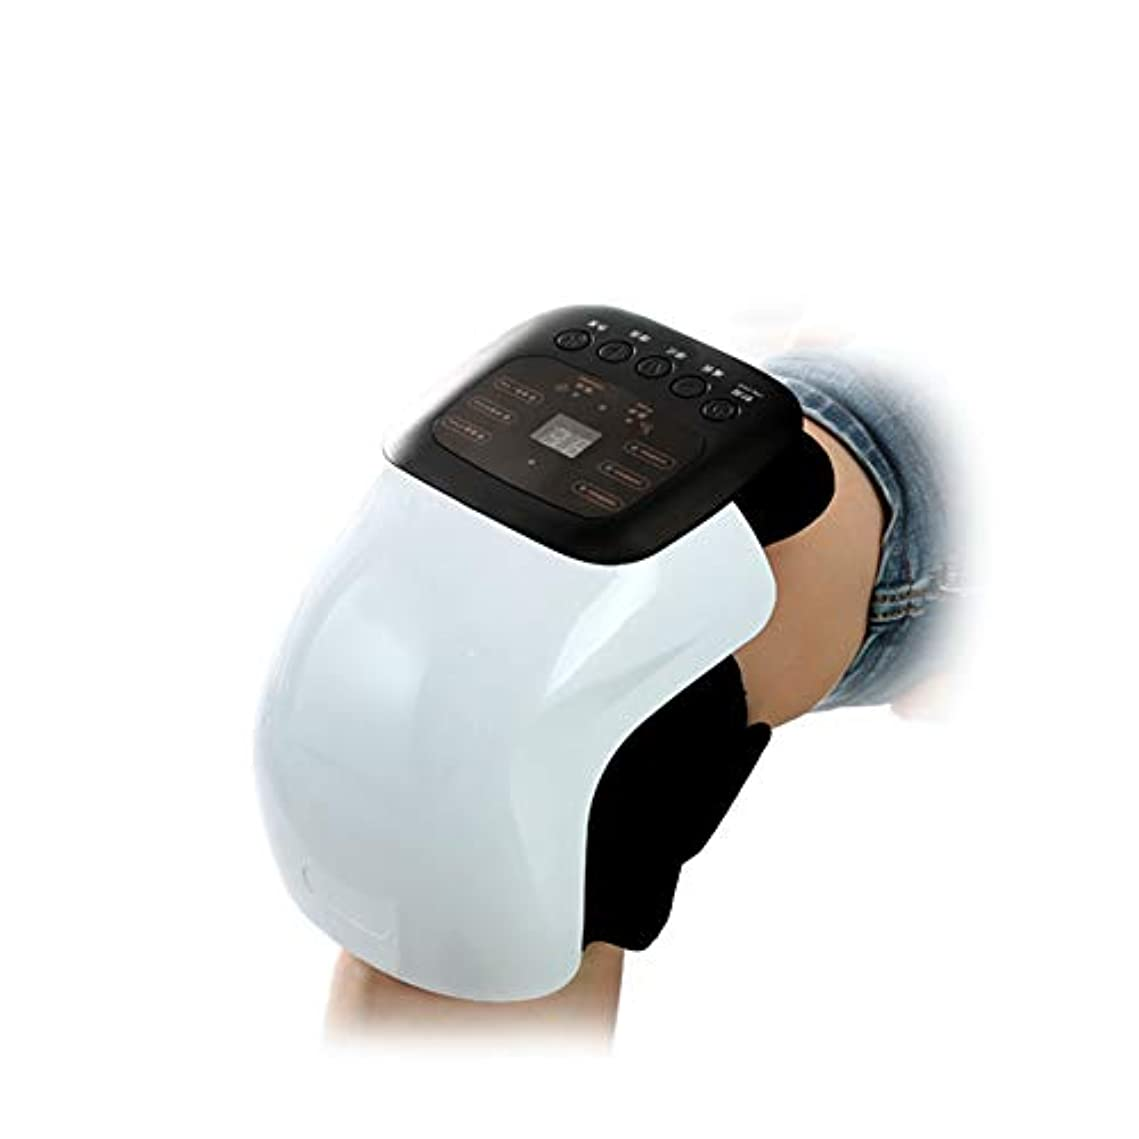 アブセイなくなるアンテナ変形性関節症リウマチ関節炎、電気痛緩和ケア用品のためのパルス、振動、加熱を伴うスマートニー理学療法マッサージ器